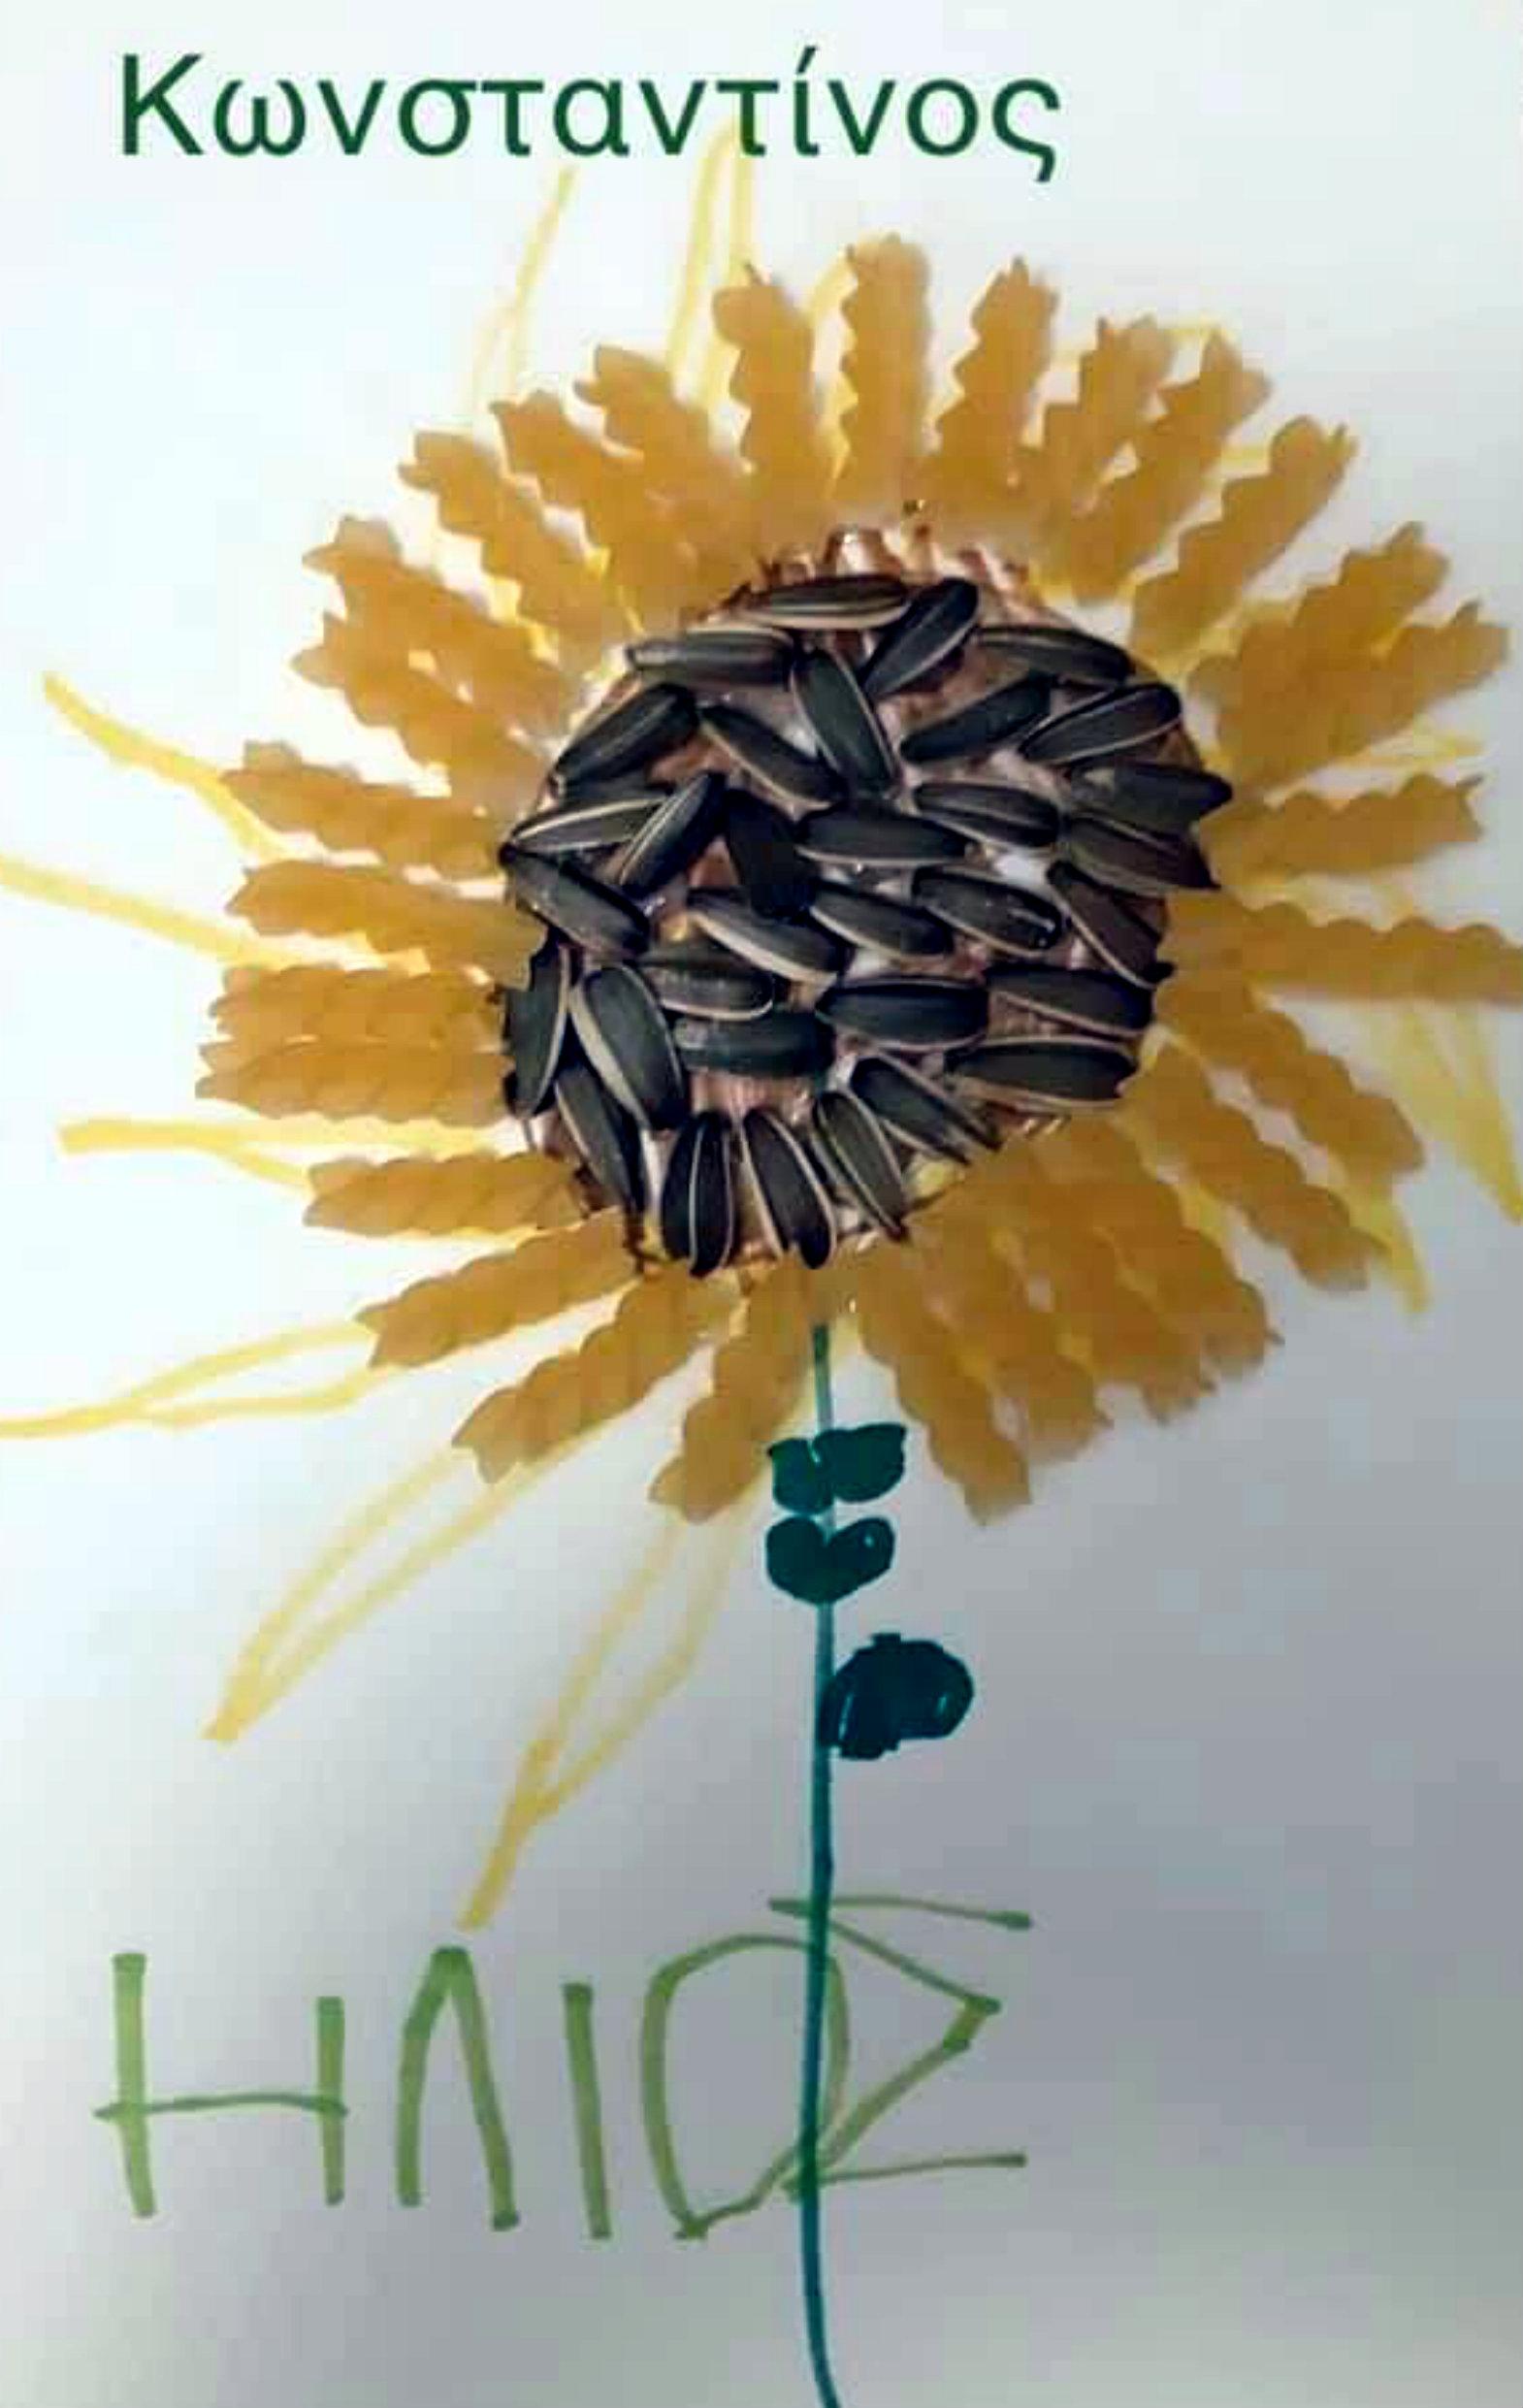 Το λουλούδι που ήθελε να φέρει πίσω τη ζωή by elhatzist - Ourboox.com